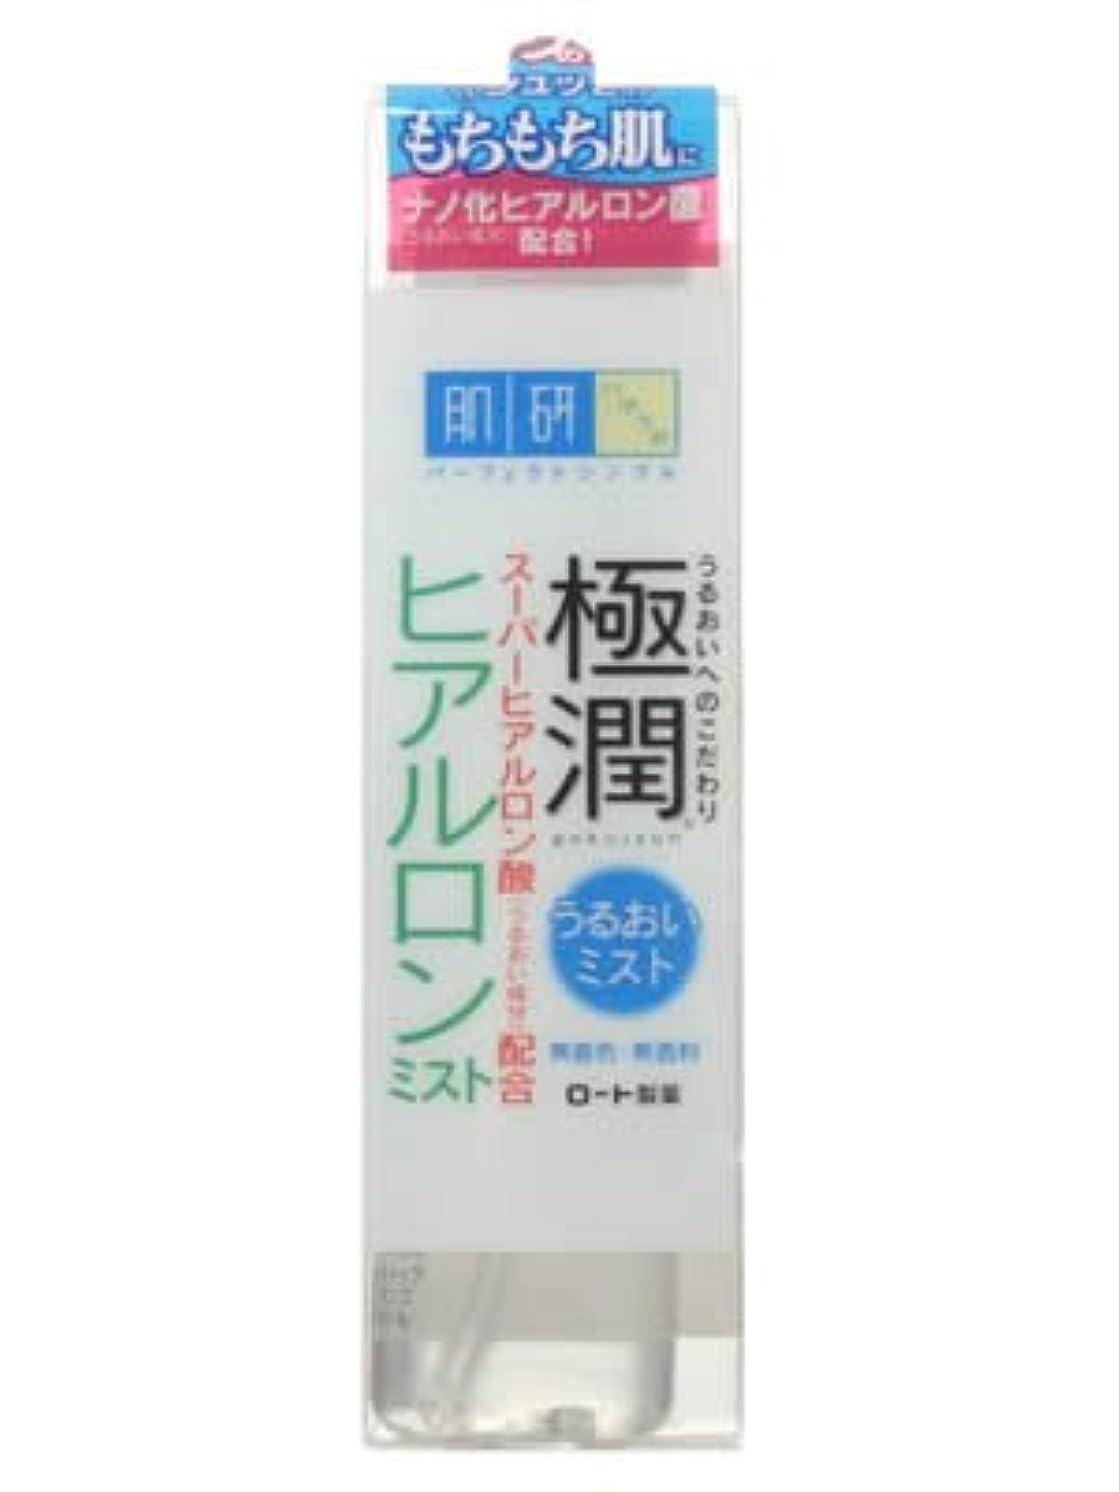 証言する医薬品常習的肌研 極潤ヒアルロンミスト 45ml